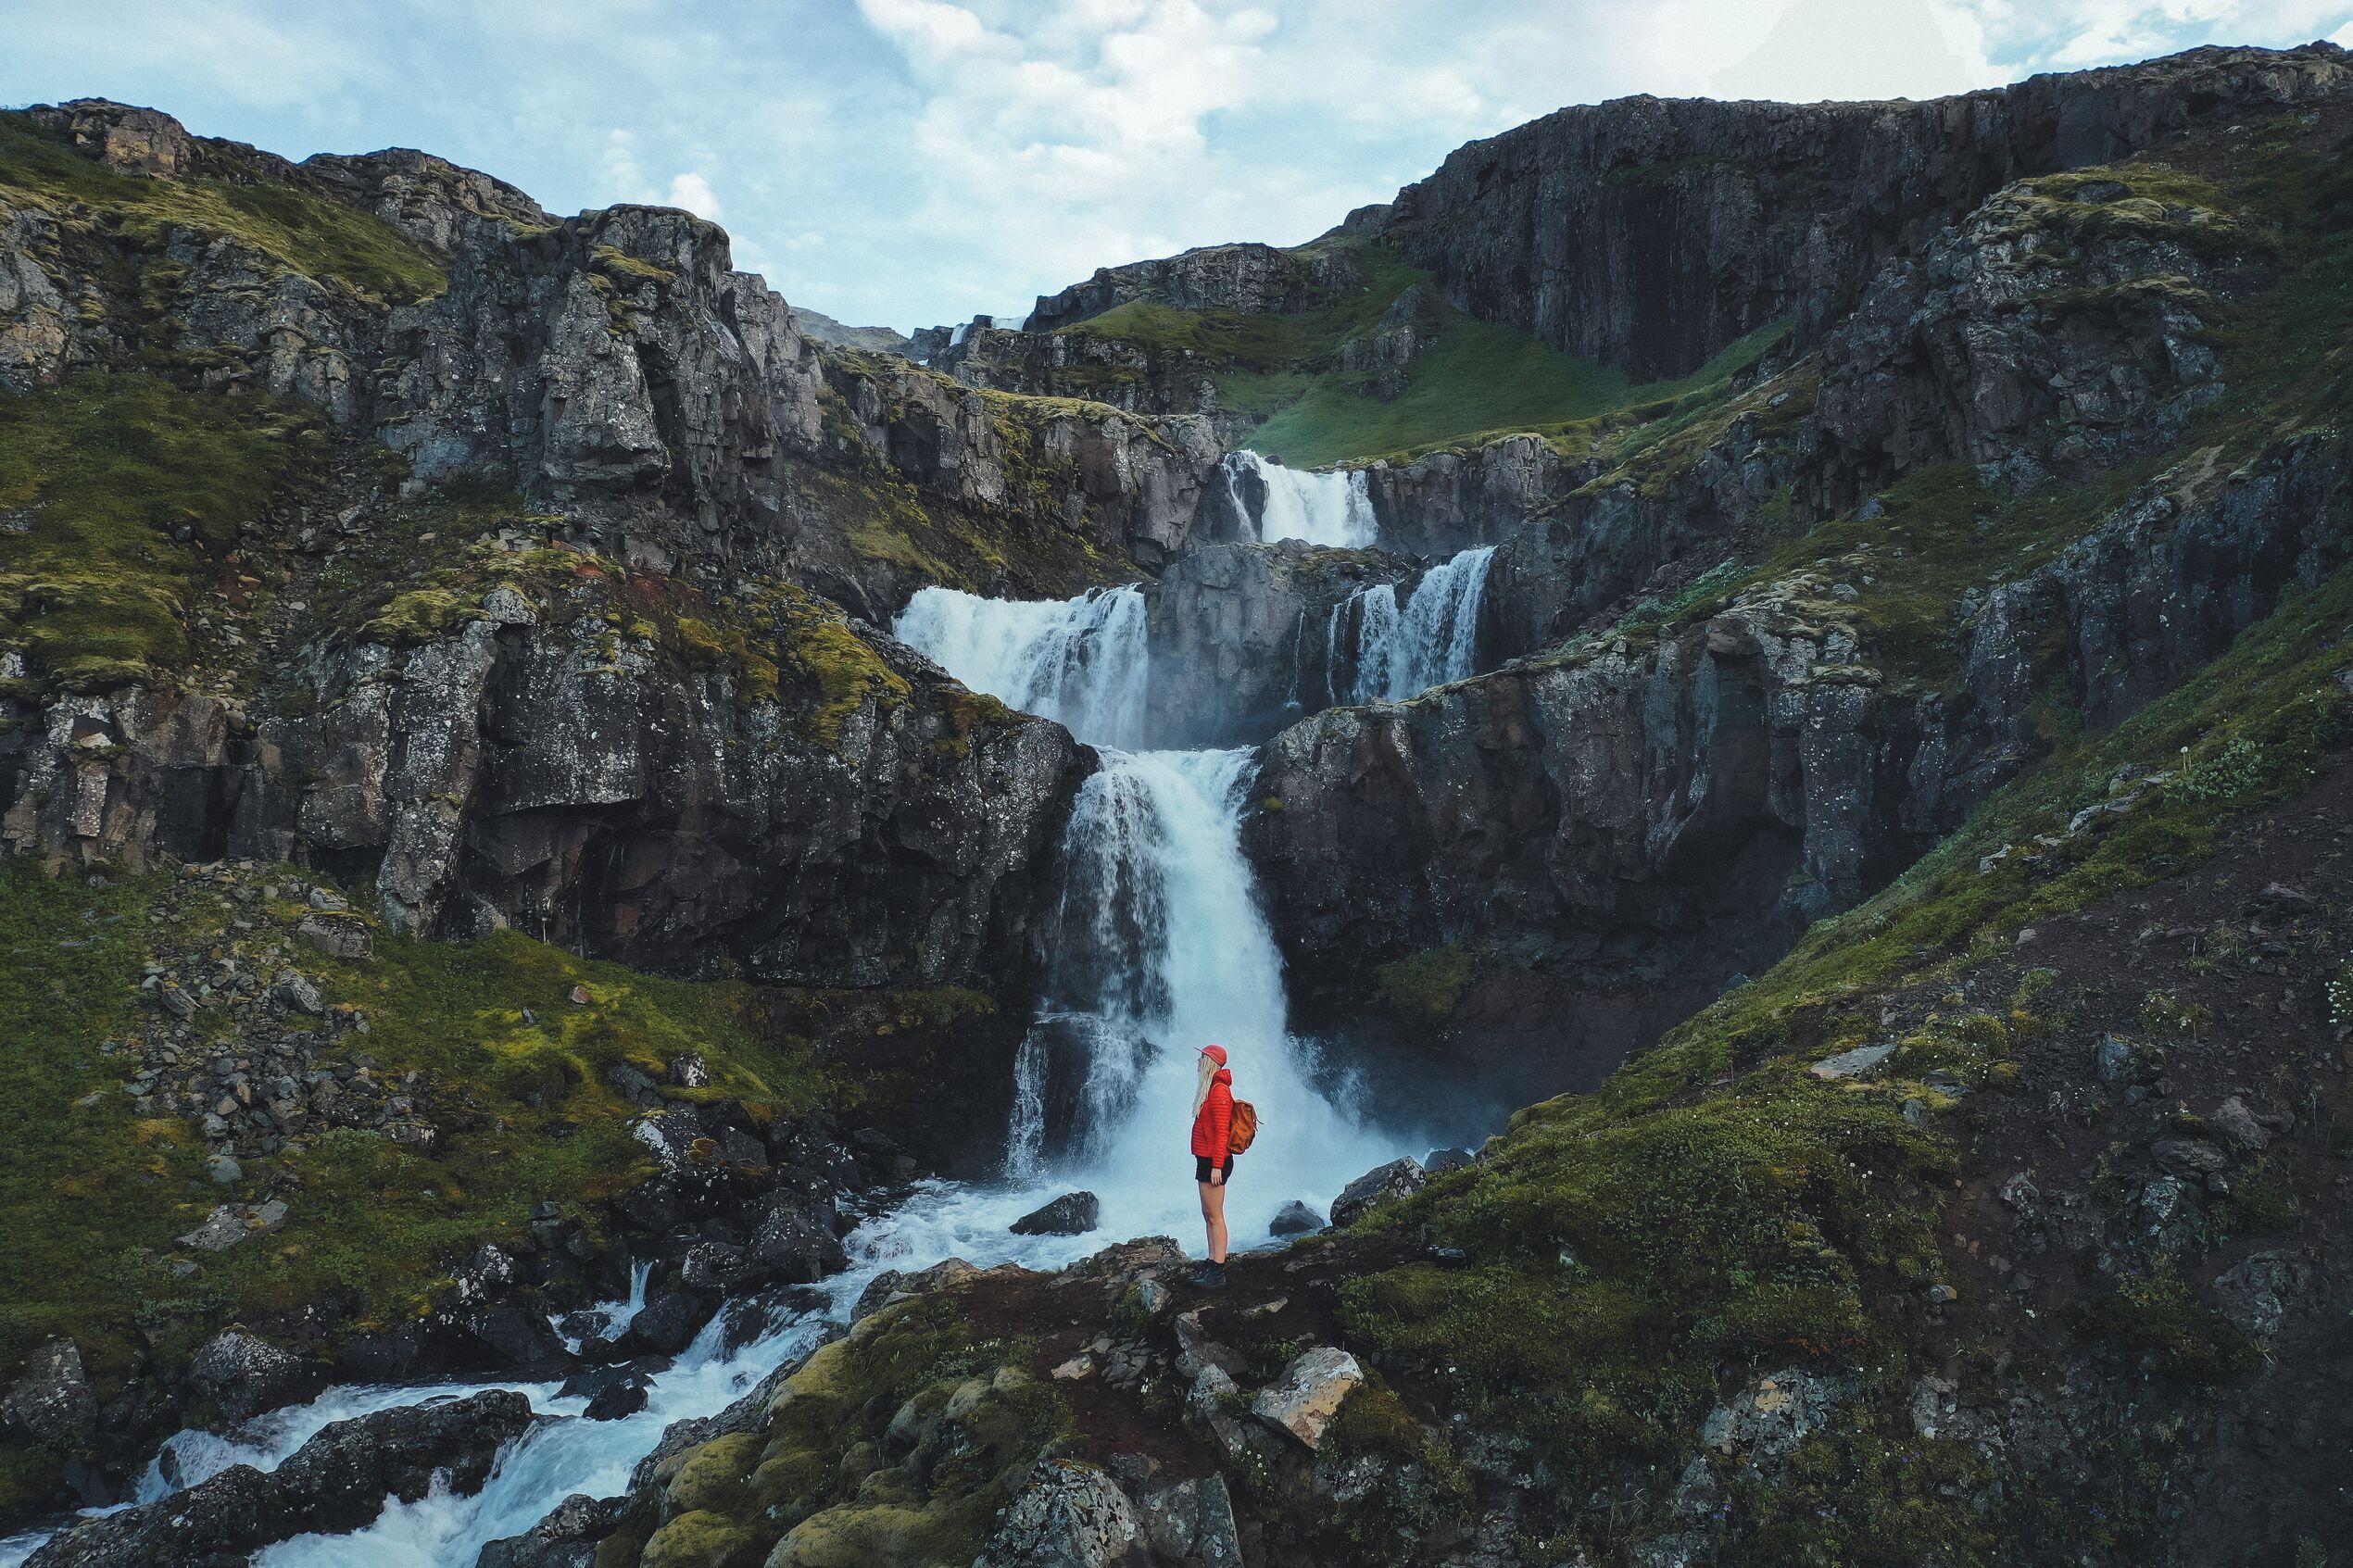 Klifbrekkufossar waterfall located in Mjóifjördur, East Iceland